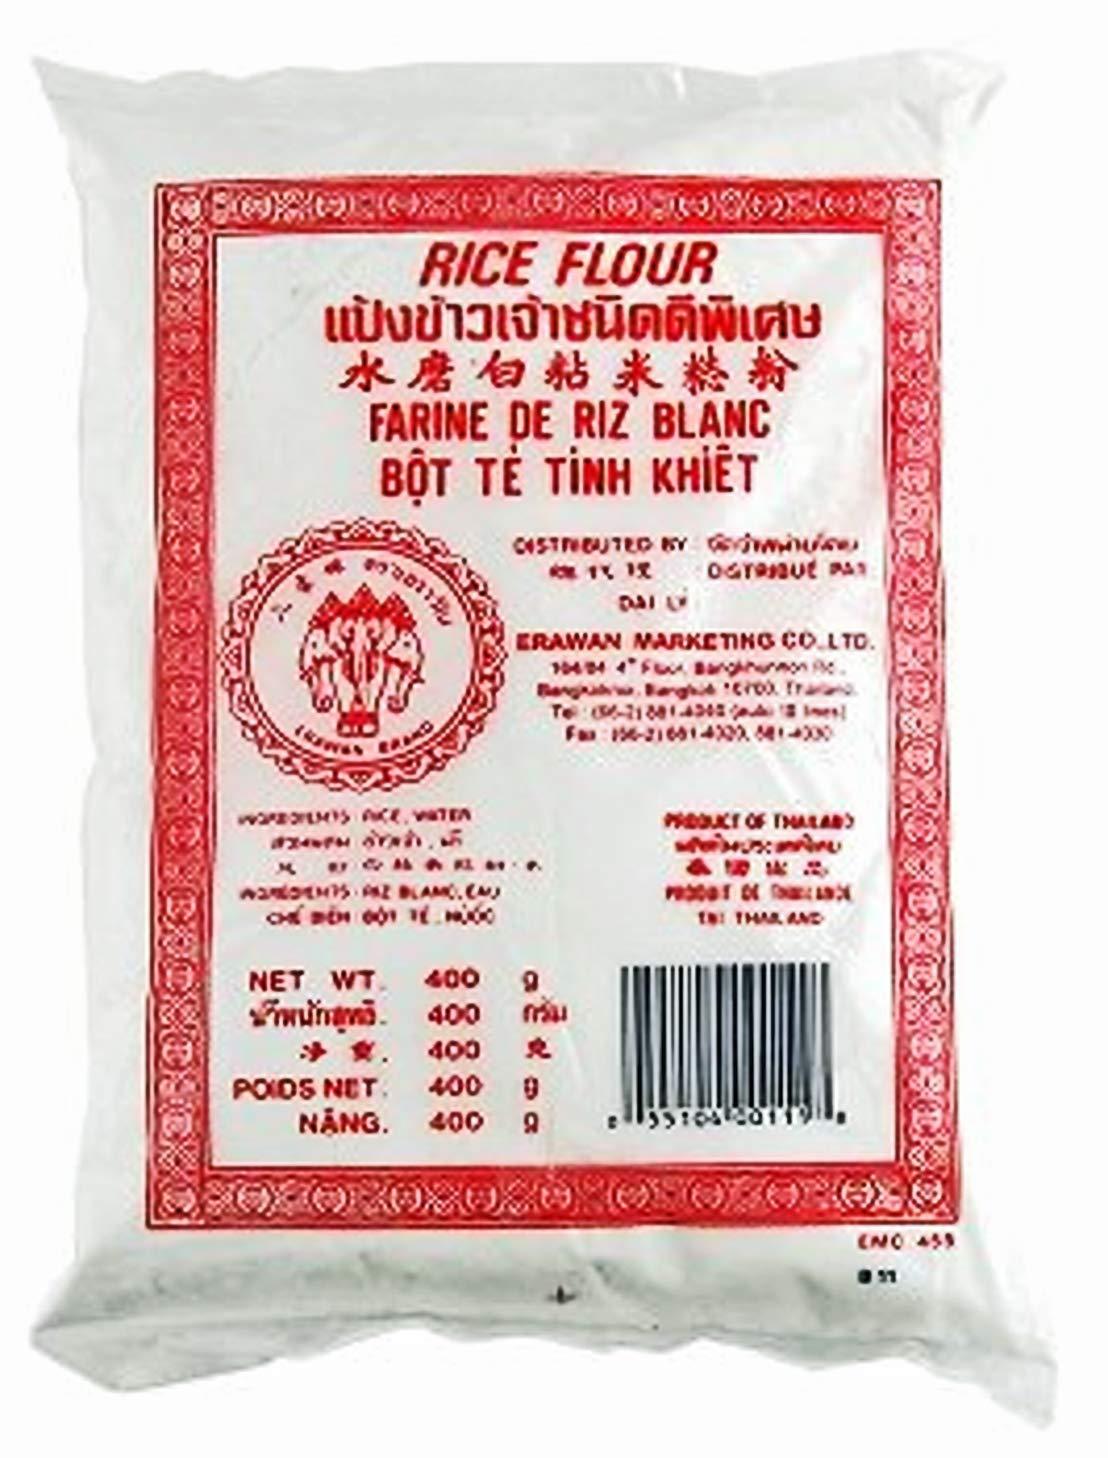 Thai Rice Flour Gluten Free Great for Cooking & Baking. Erawan Brand (3)